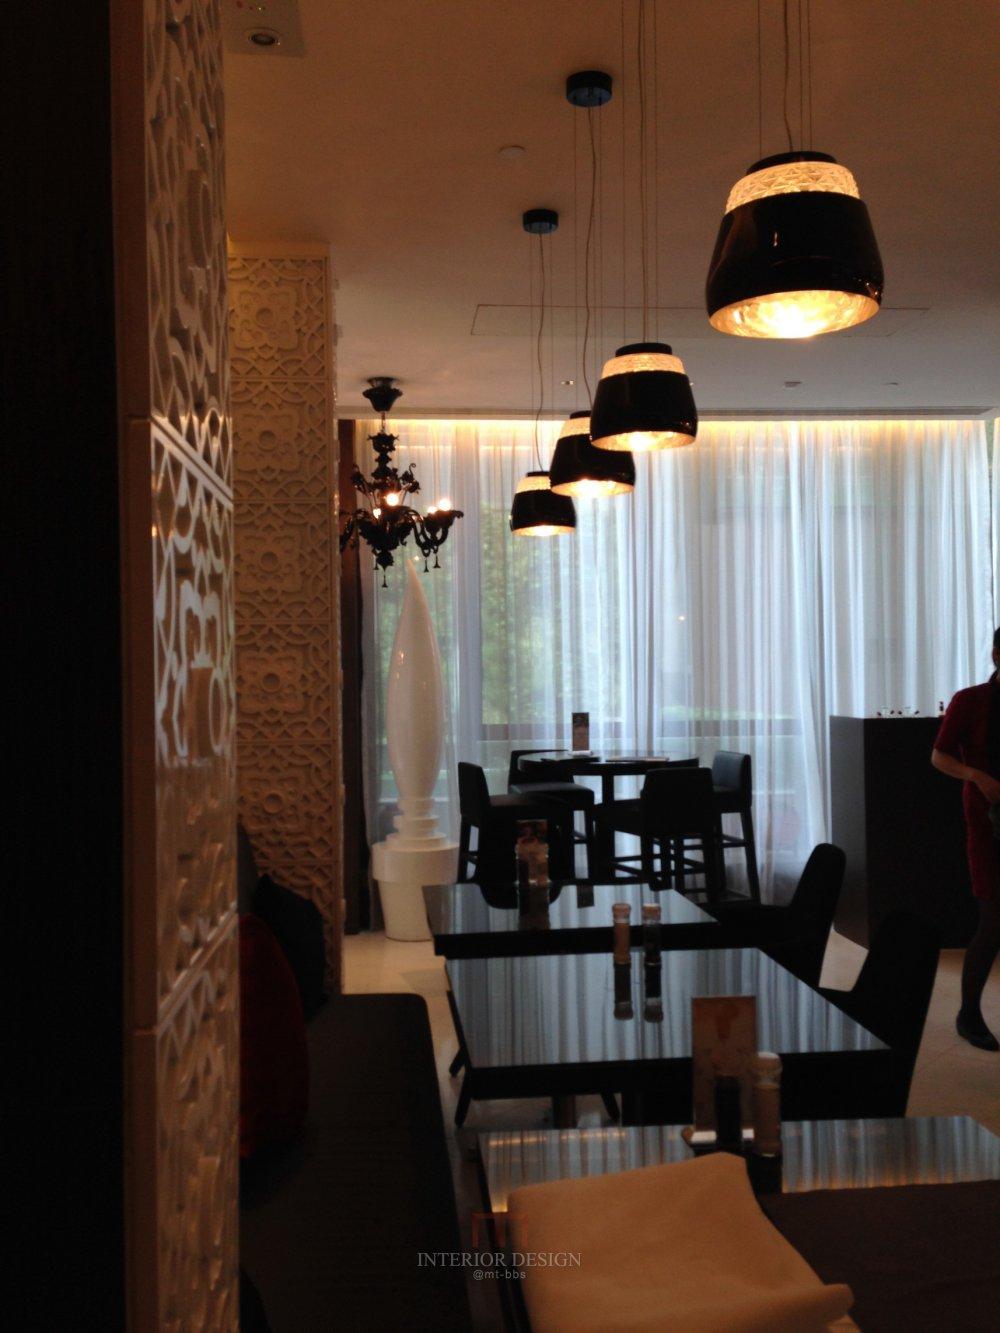 香港湾仔美丽华精品酒店Mira Moon Hotel  自拍分享_IMG_4164.JPG